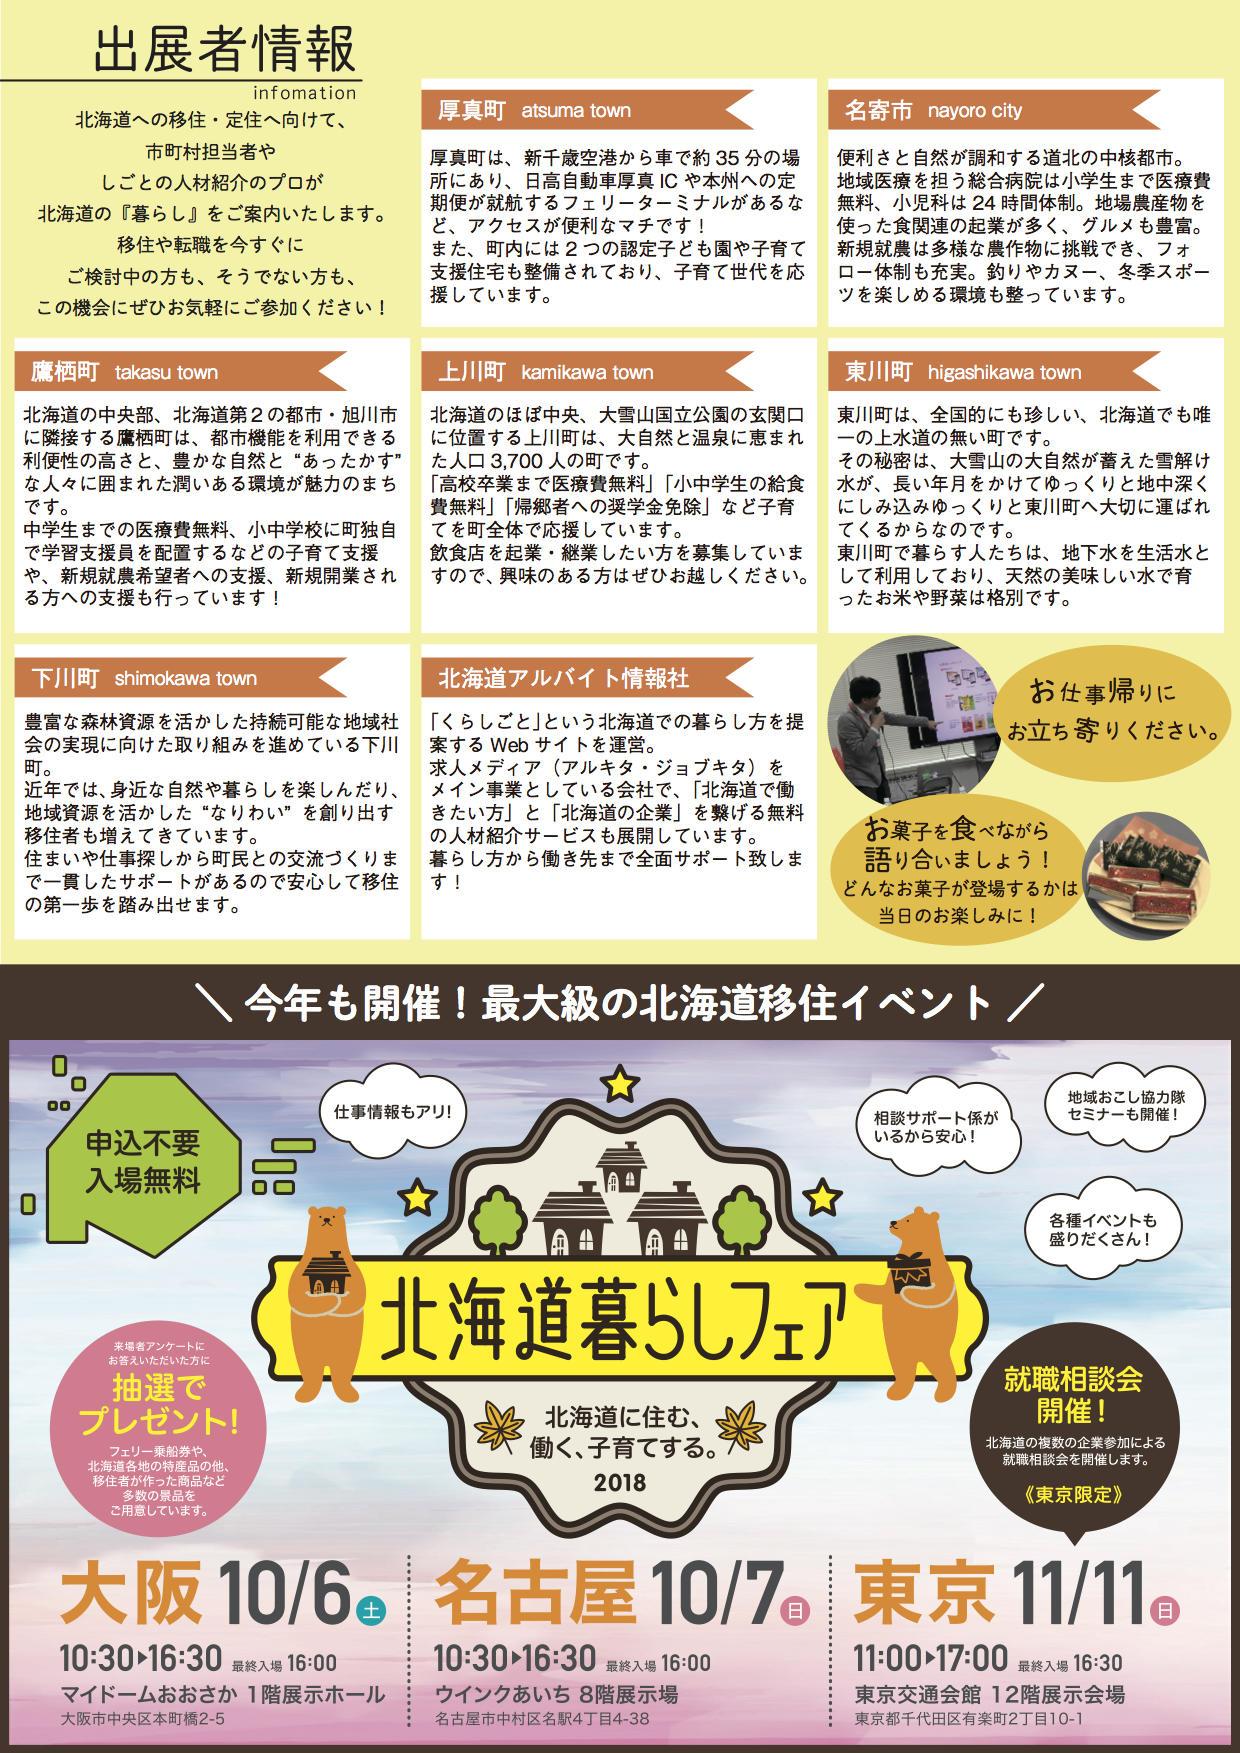 https://kurashigoto.hokkaido.jp/image/minikurashi02.jpg